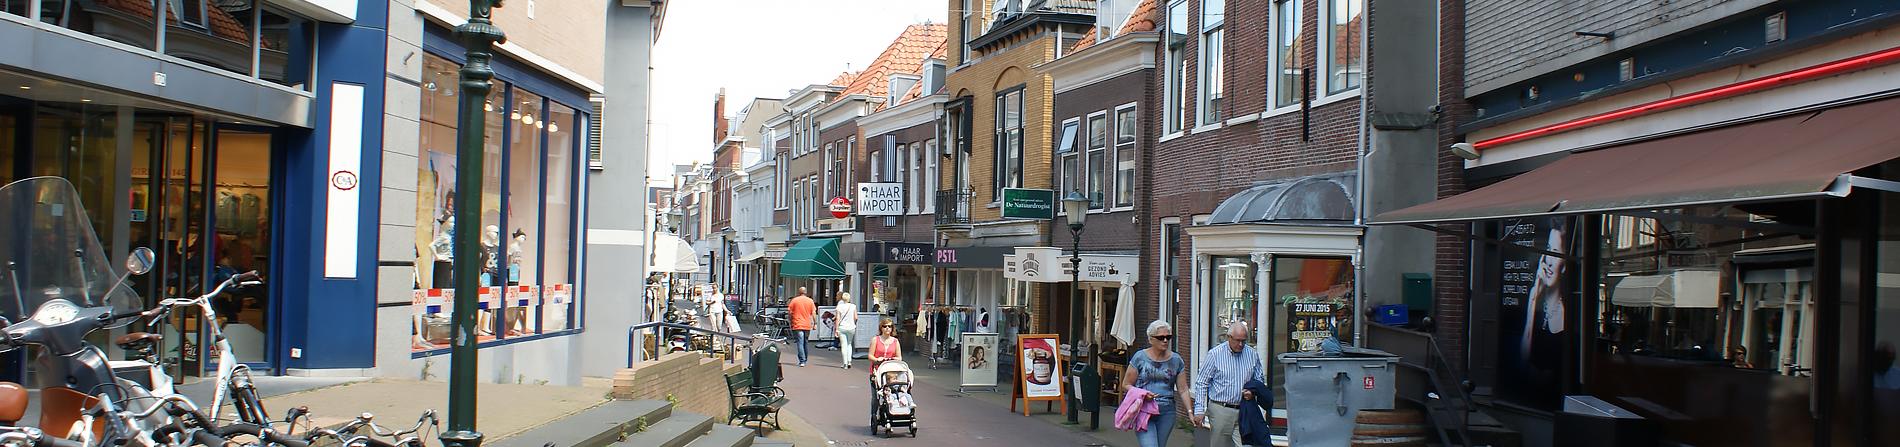 stadshart_vlaardingen_Hoogstraat3